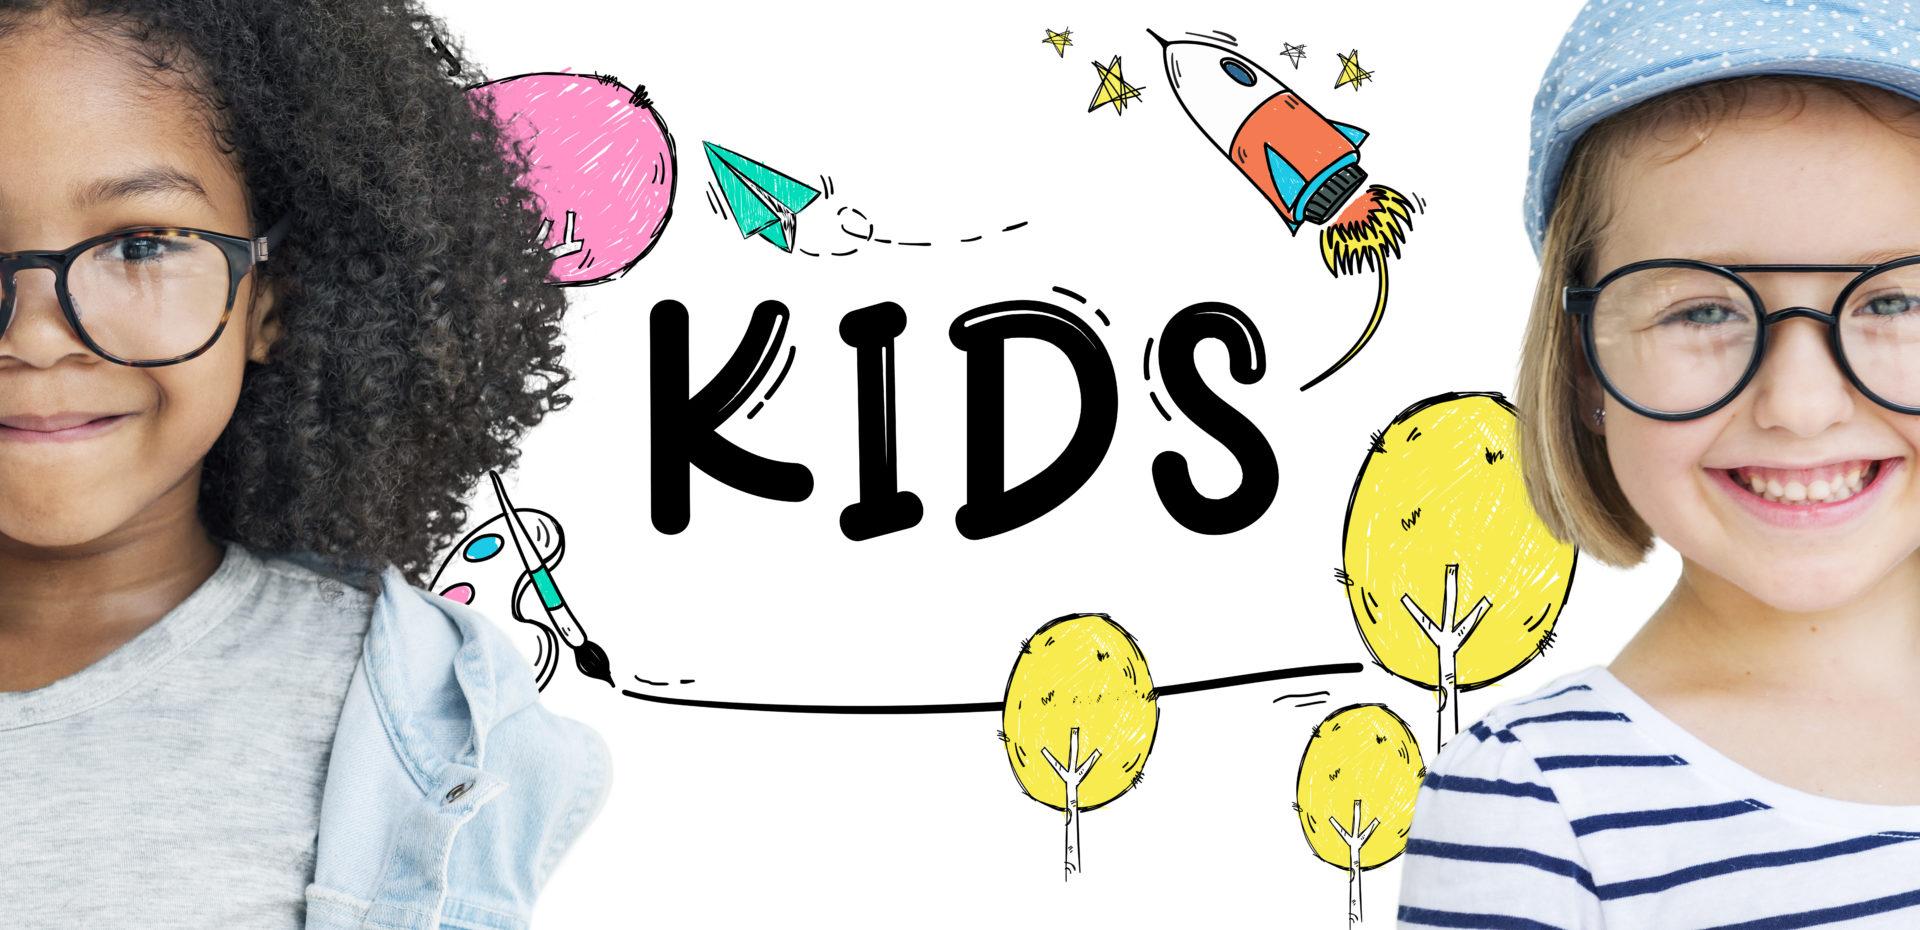 Idée Cadeau Pour Enfant (Fille) De 6 Ans À 12 Ans - Jeux Et intérieur Jeux De Fille 9 Ans